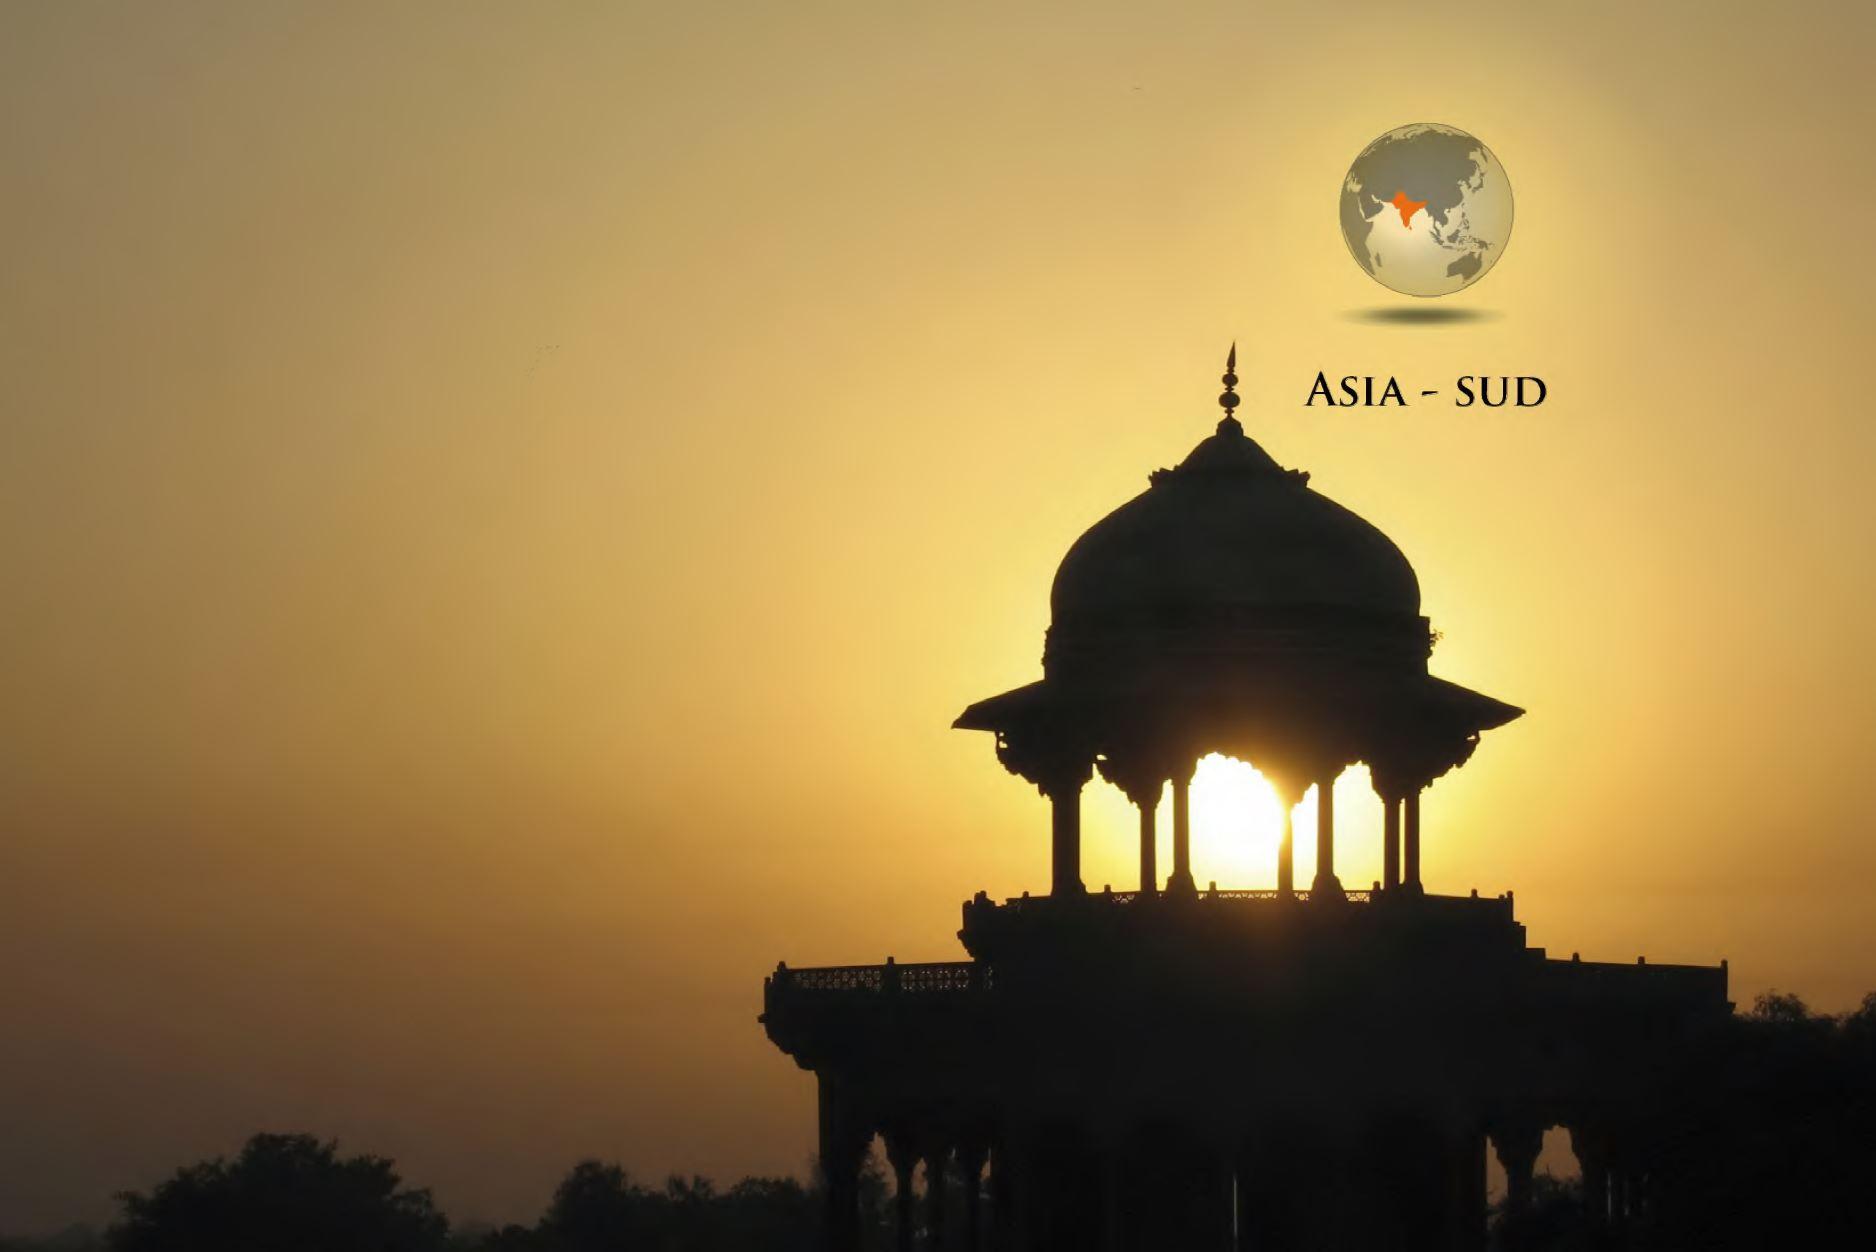 Asia Sud